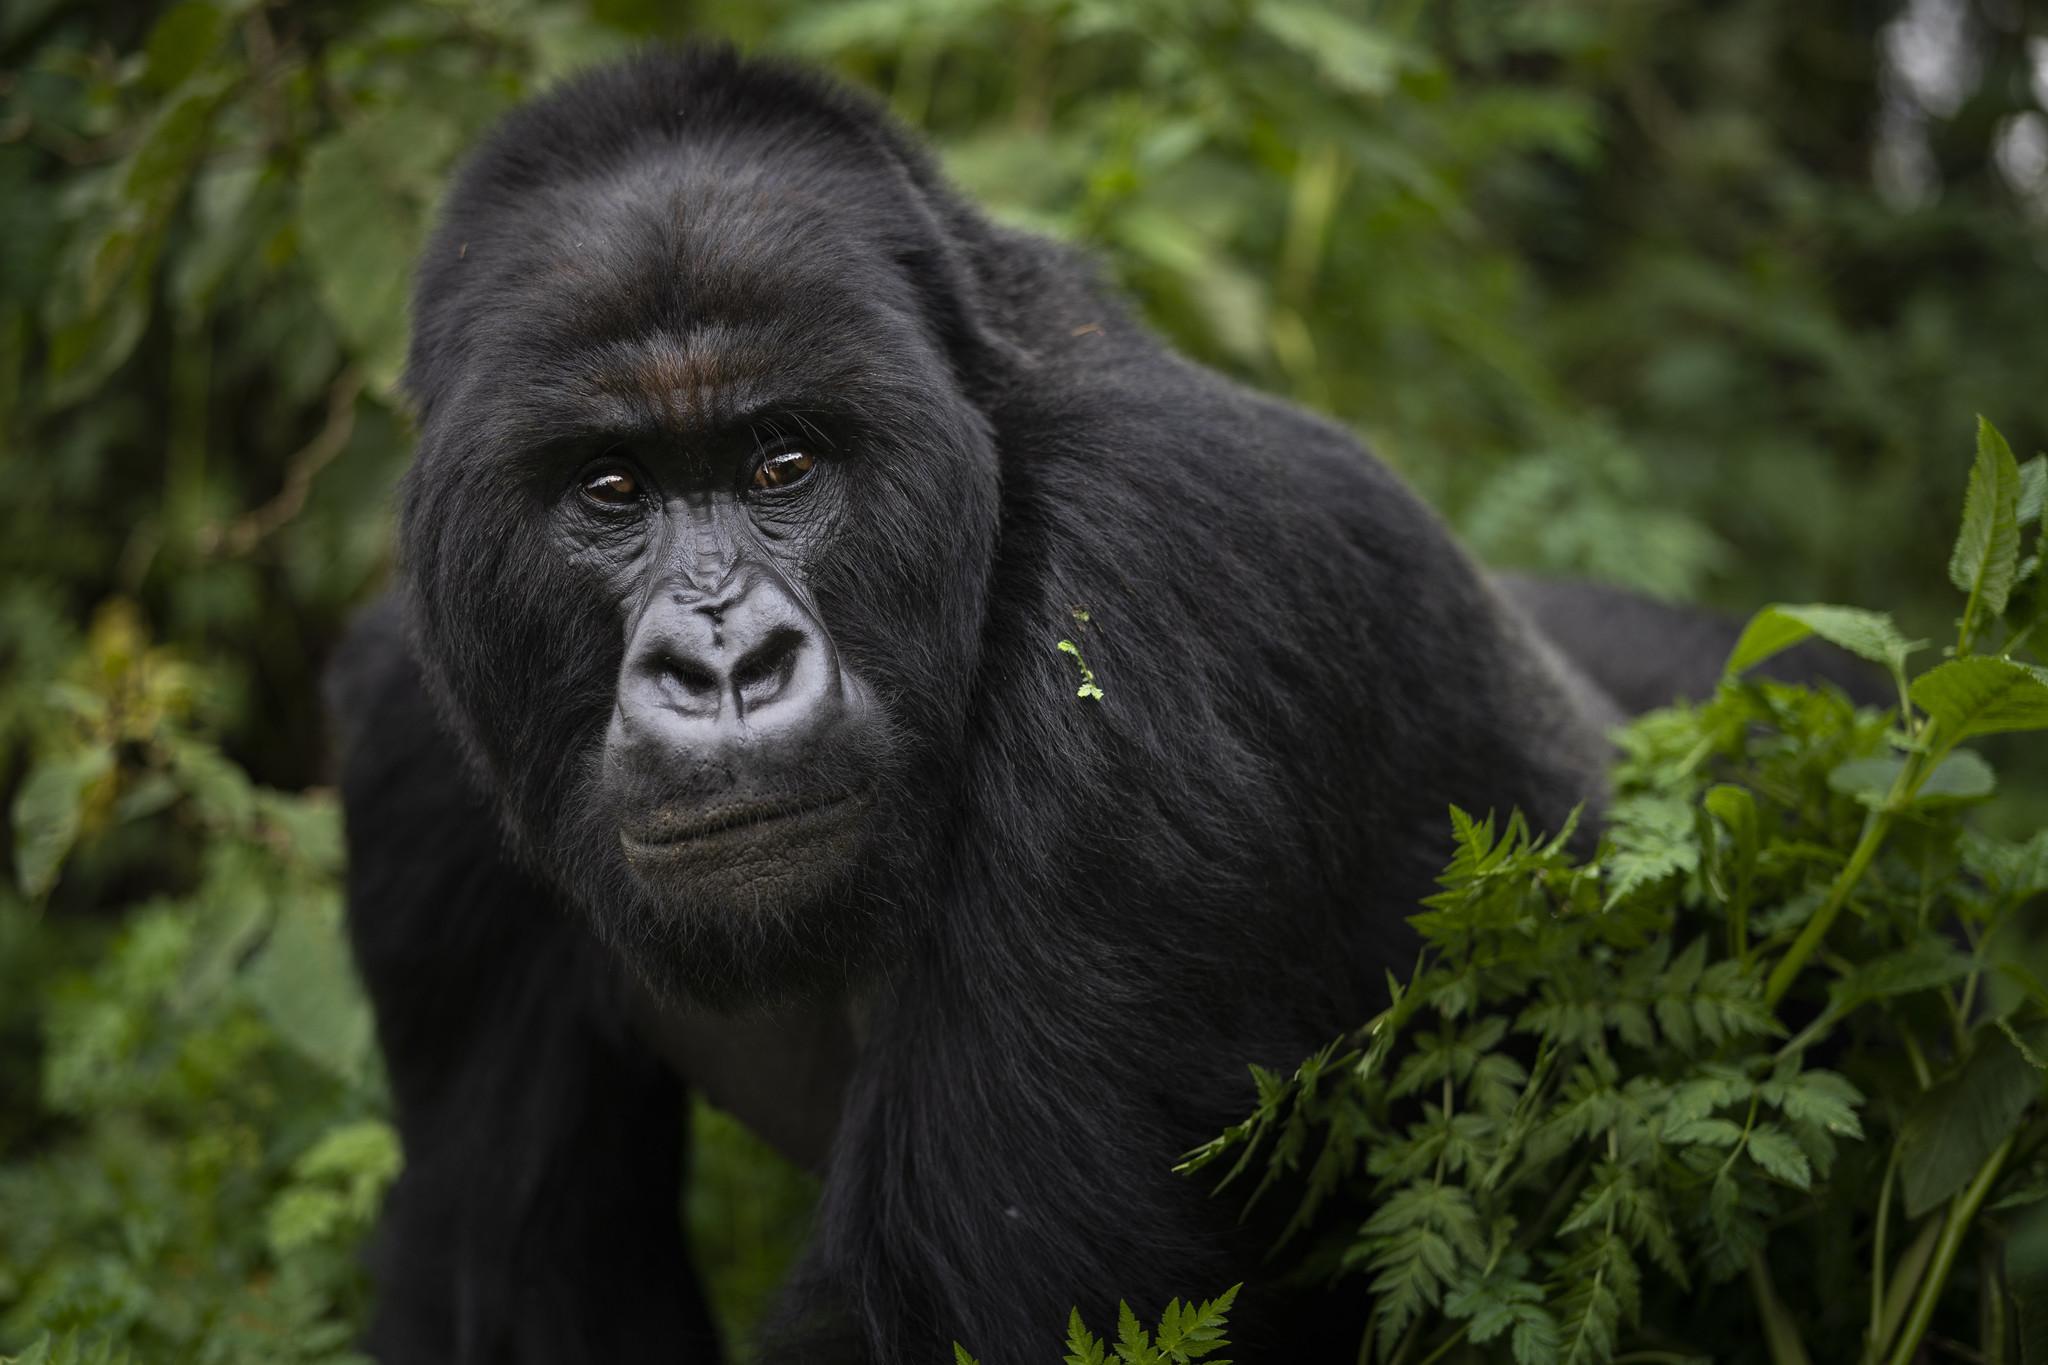 4 endangered gorillas killed by lightning strike in Uganda